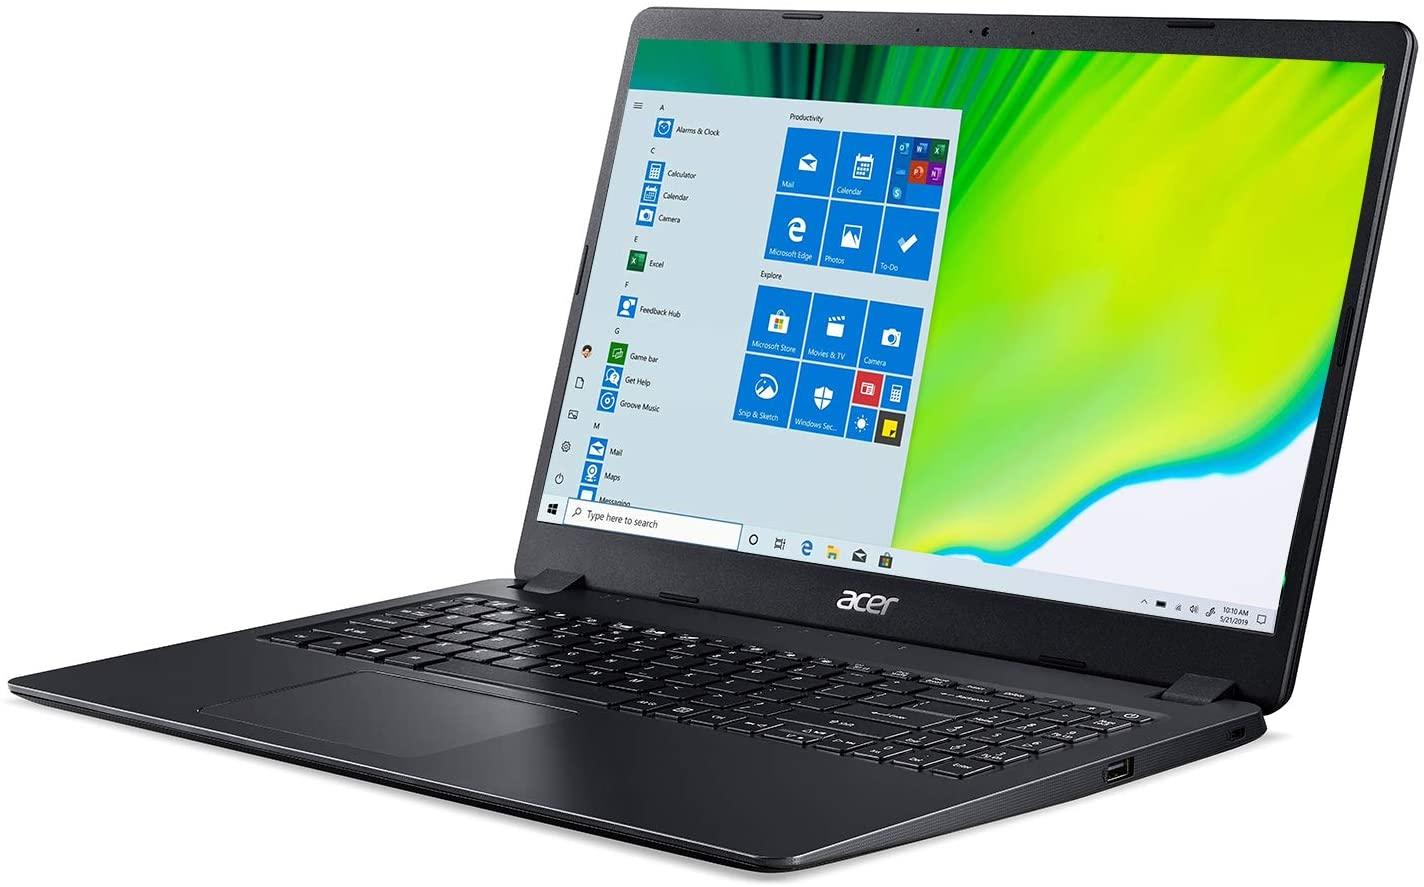 Notebook economico Acer Aspire 3 A315-42-R4D6: in offerta da Expert a 399 euro